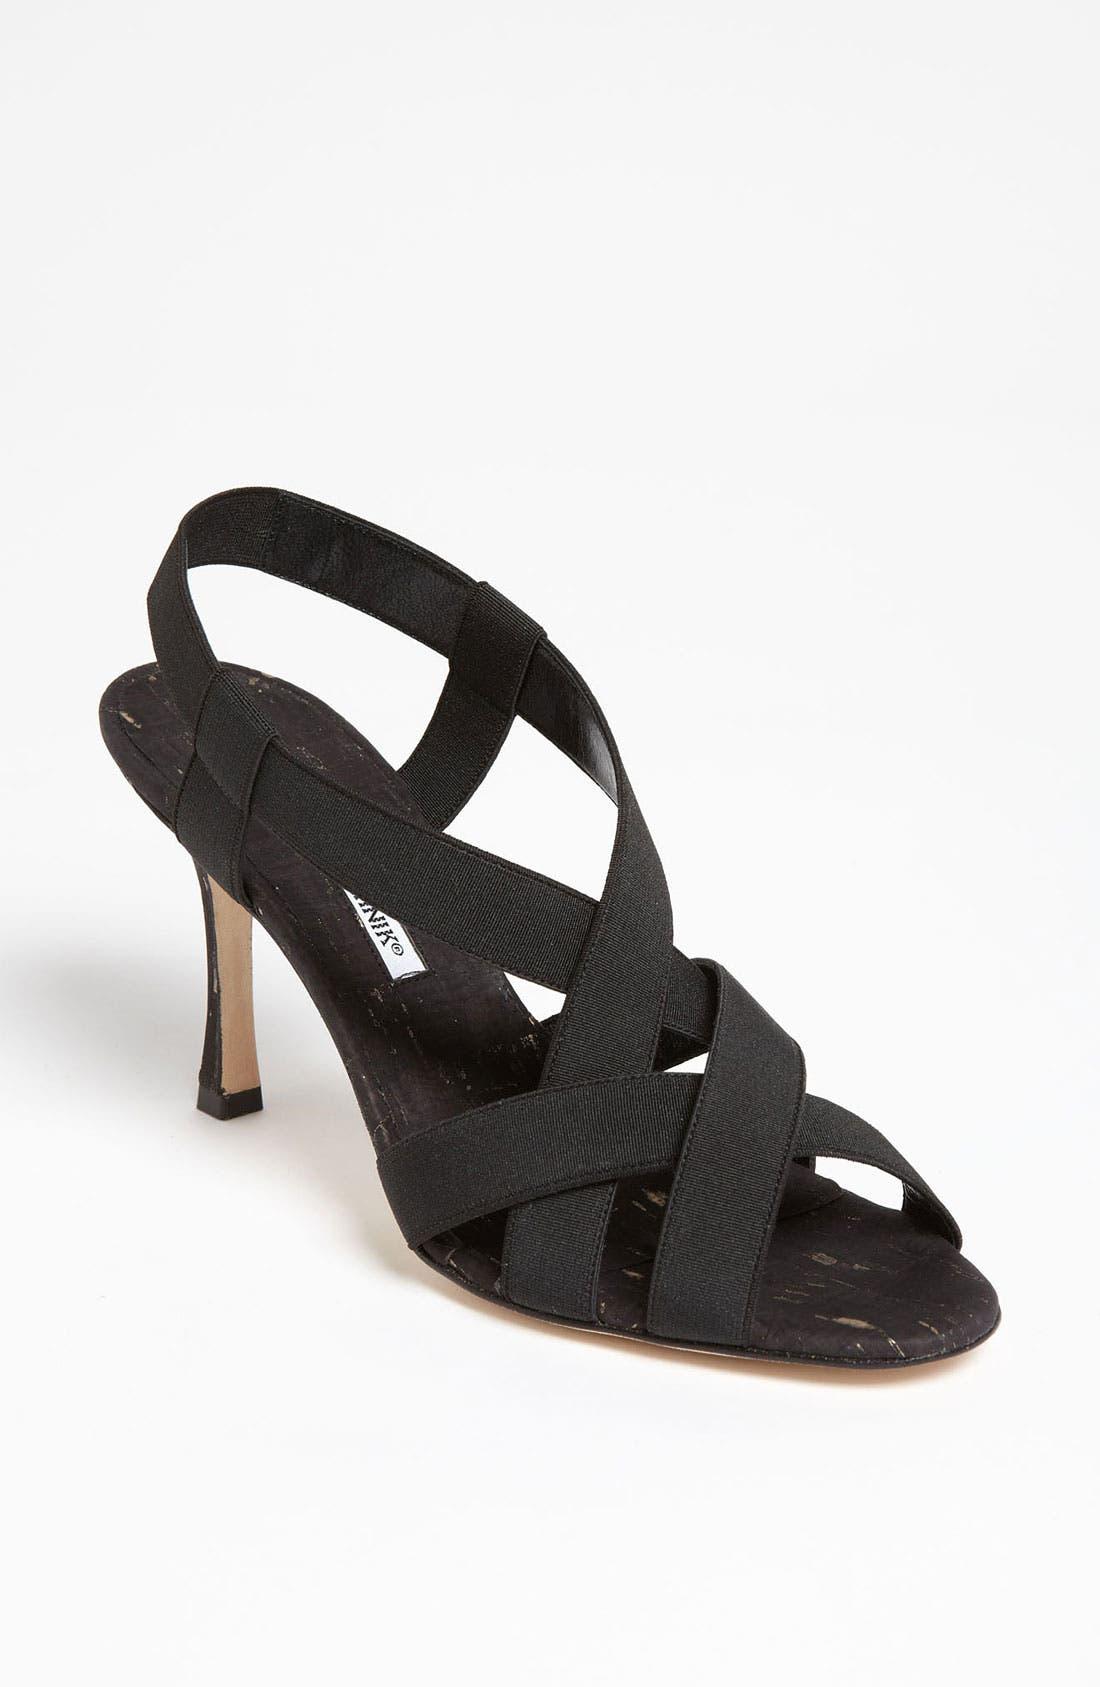 Main Image - Manolo Blahnik 'Lasti' Sandal